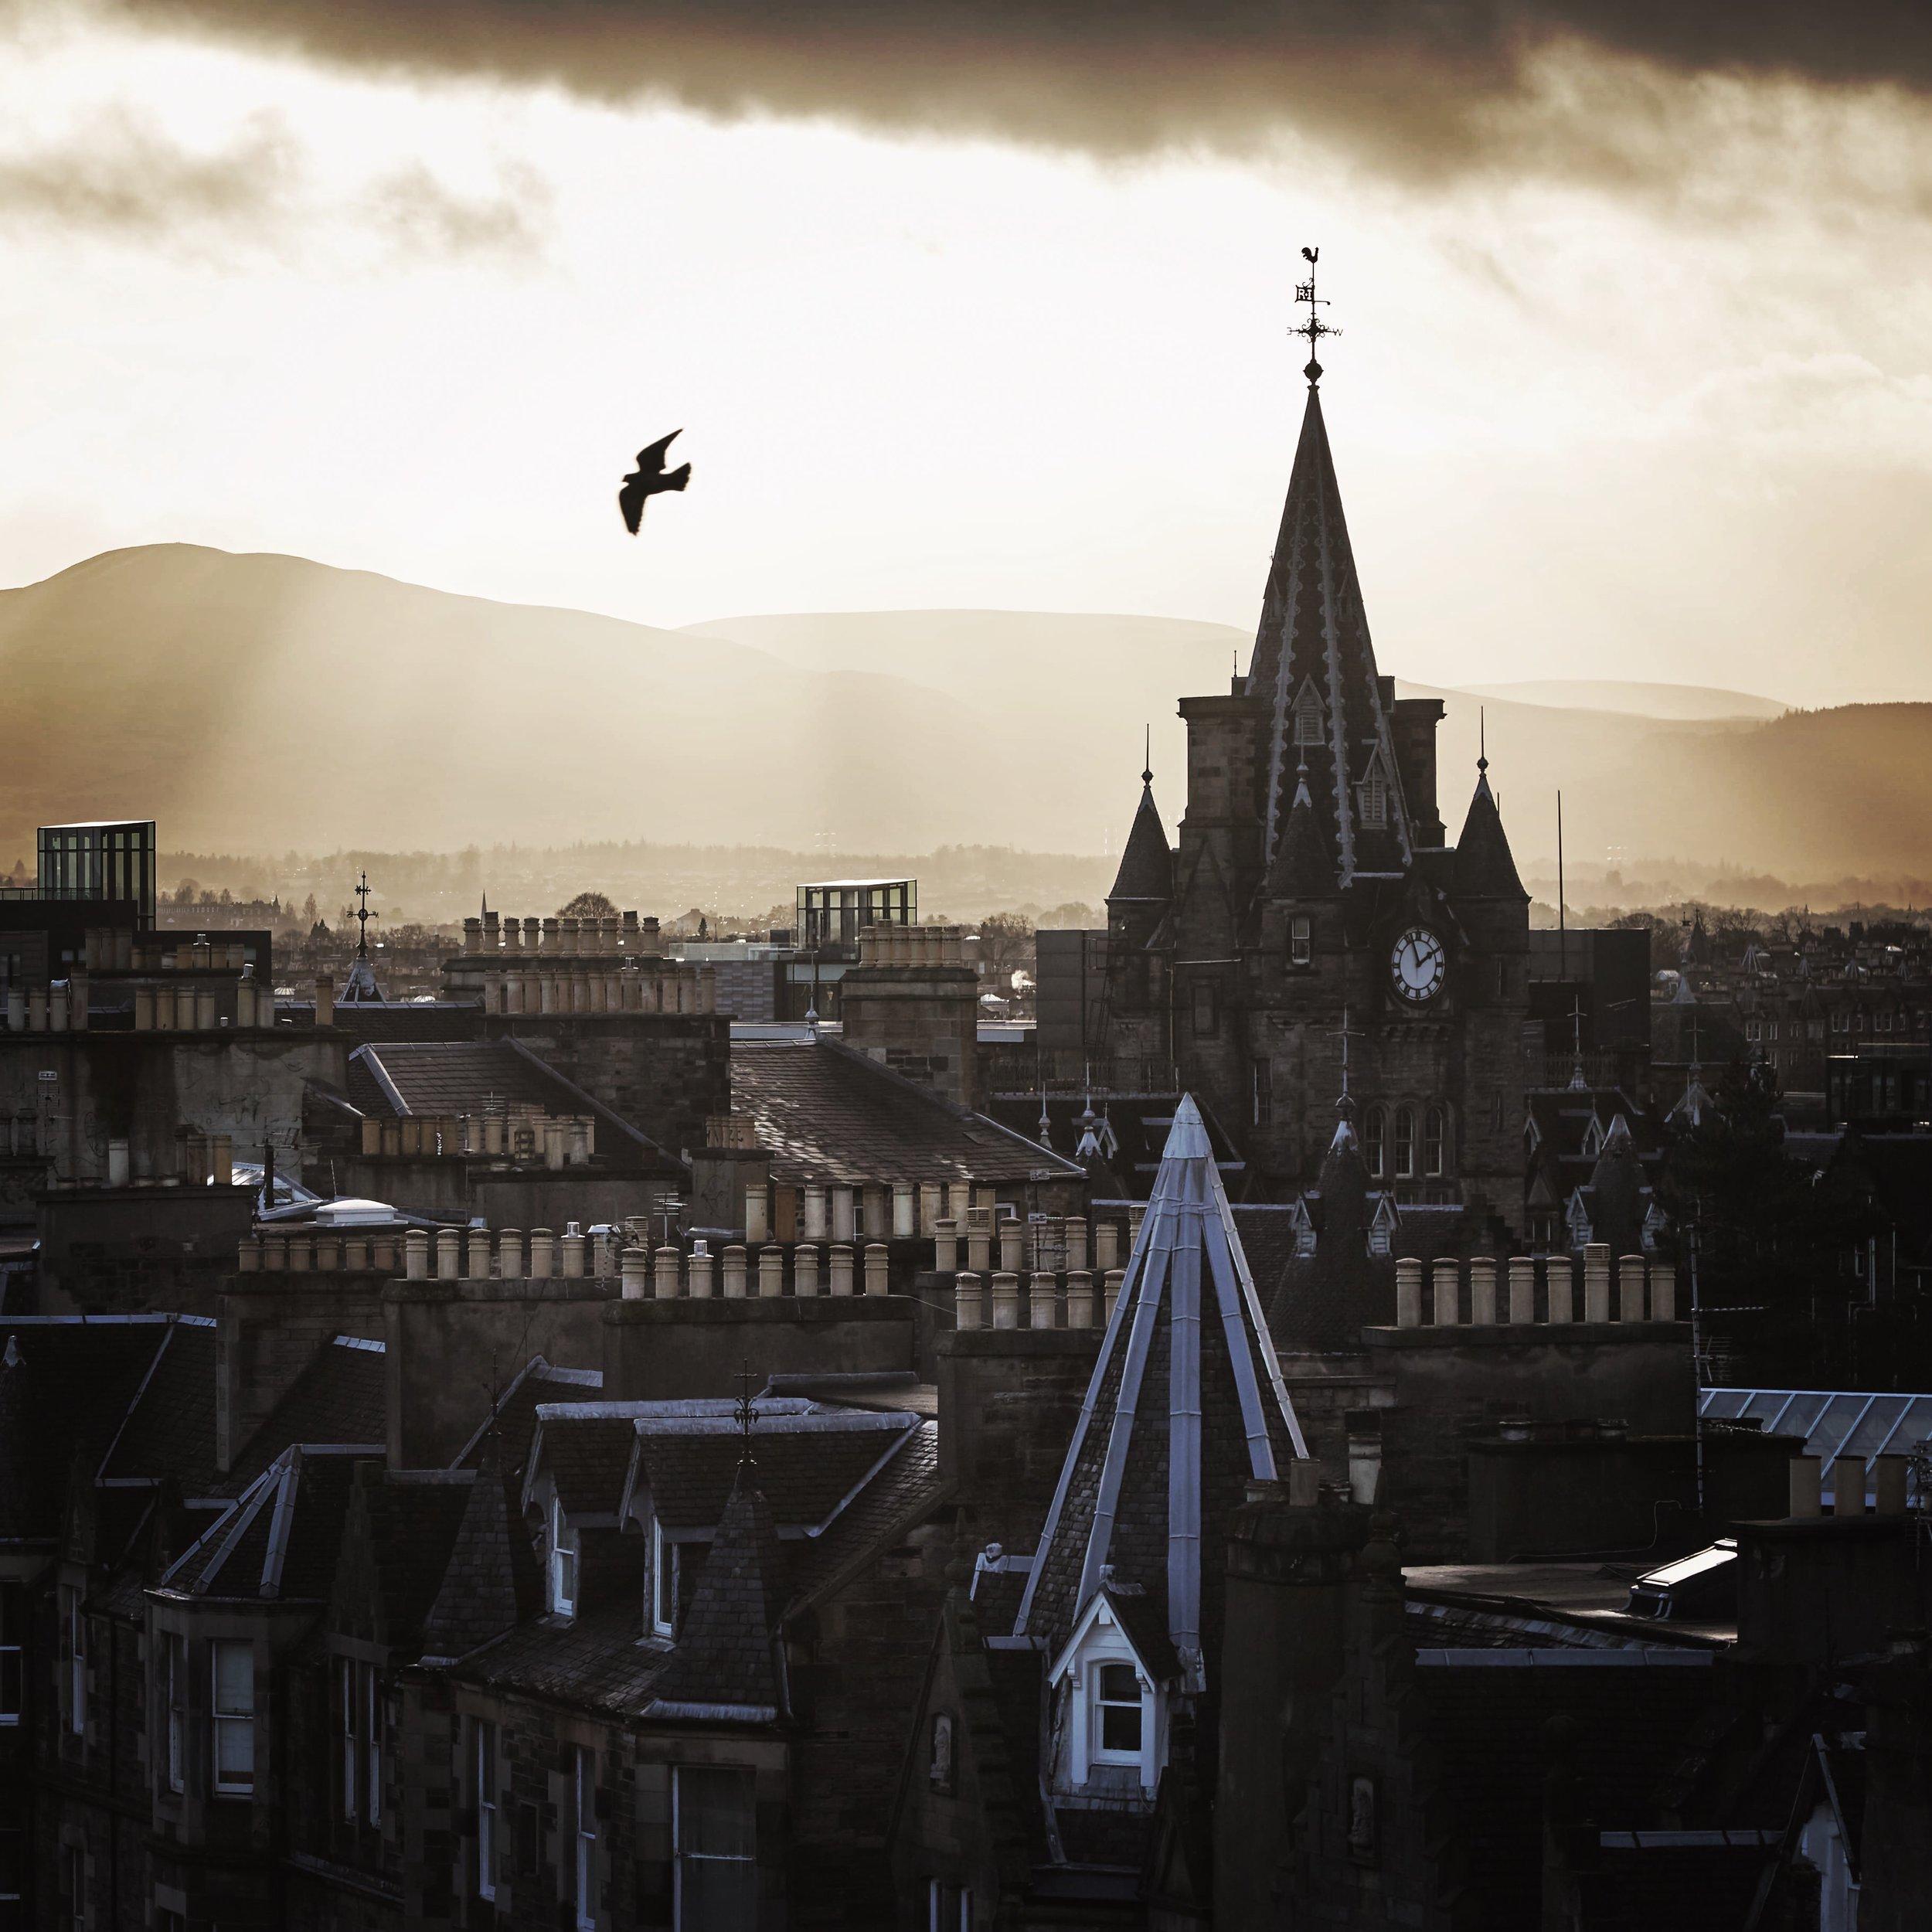 20151211_Edinburgh_236A3480_ig.jpg